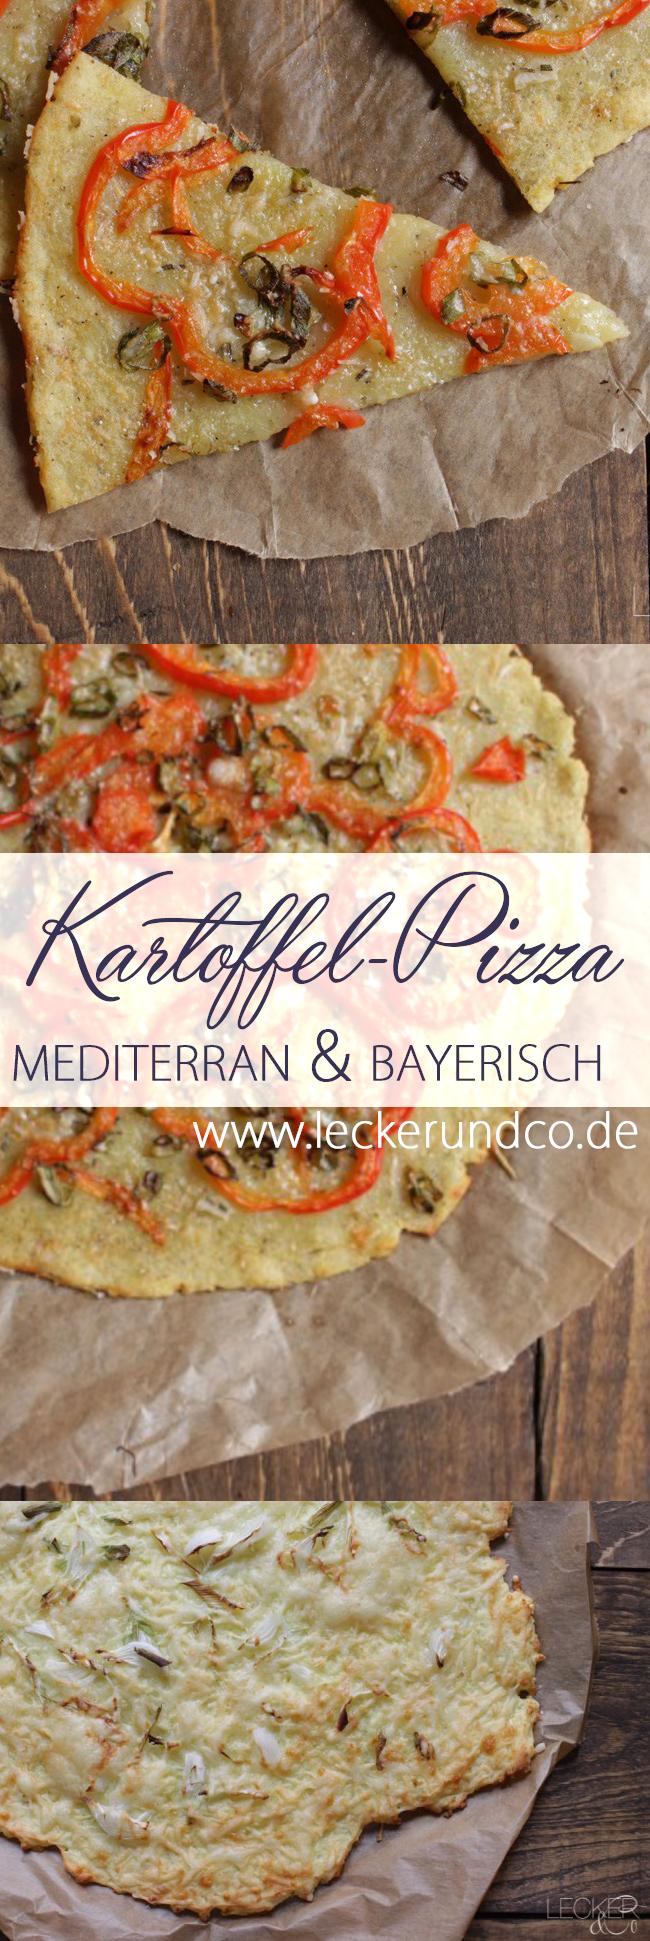 Zweierlei kartoffelpizza fr nkisch und mediterran for Kuchen landhausstil mediterran